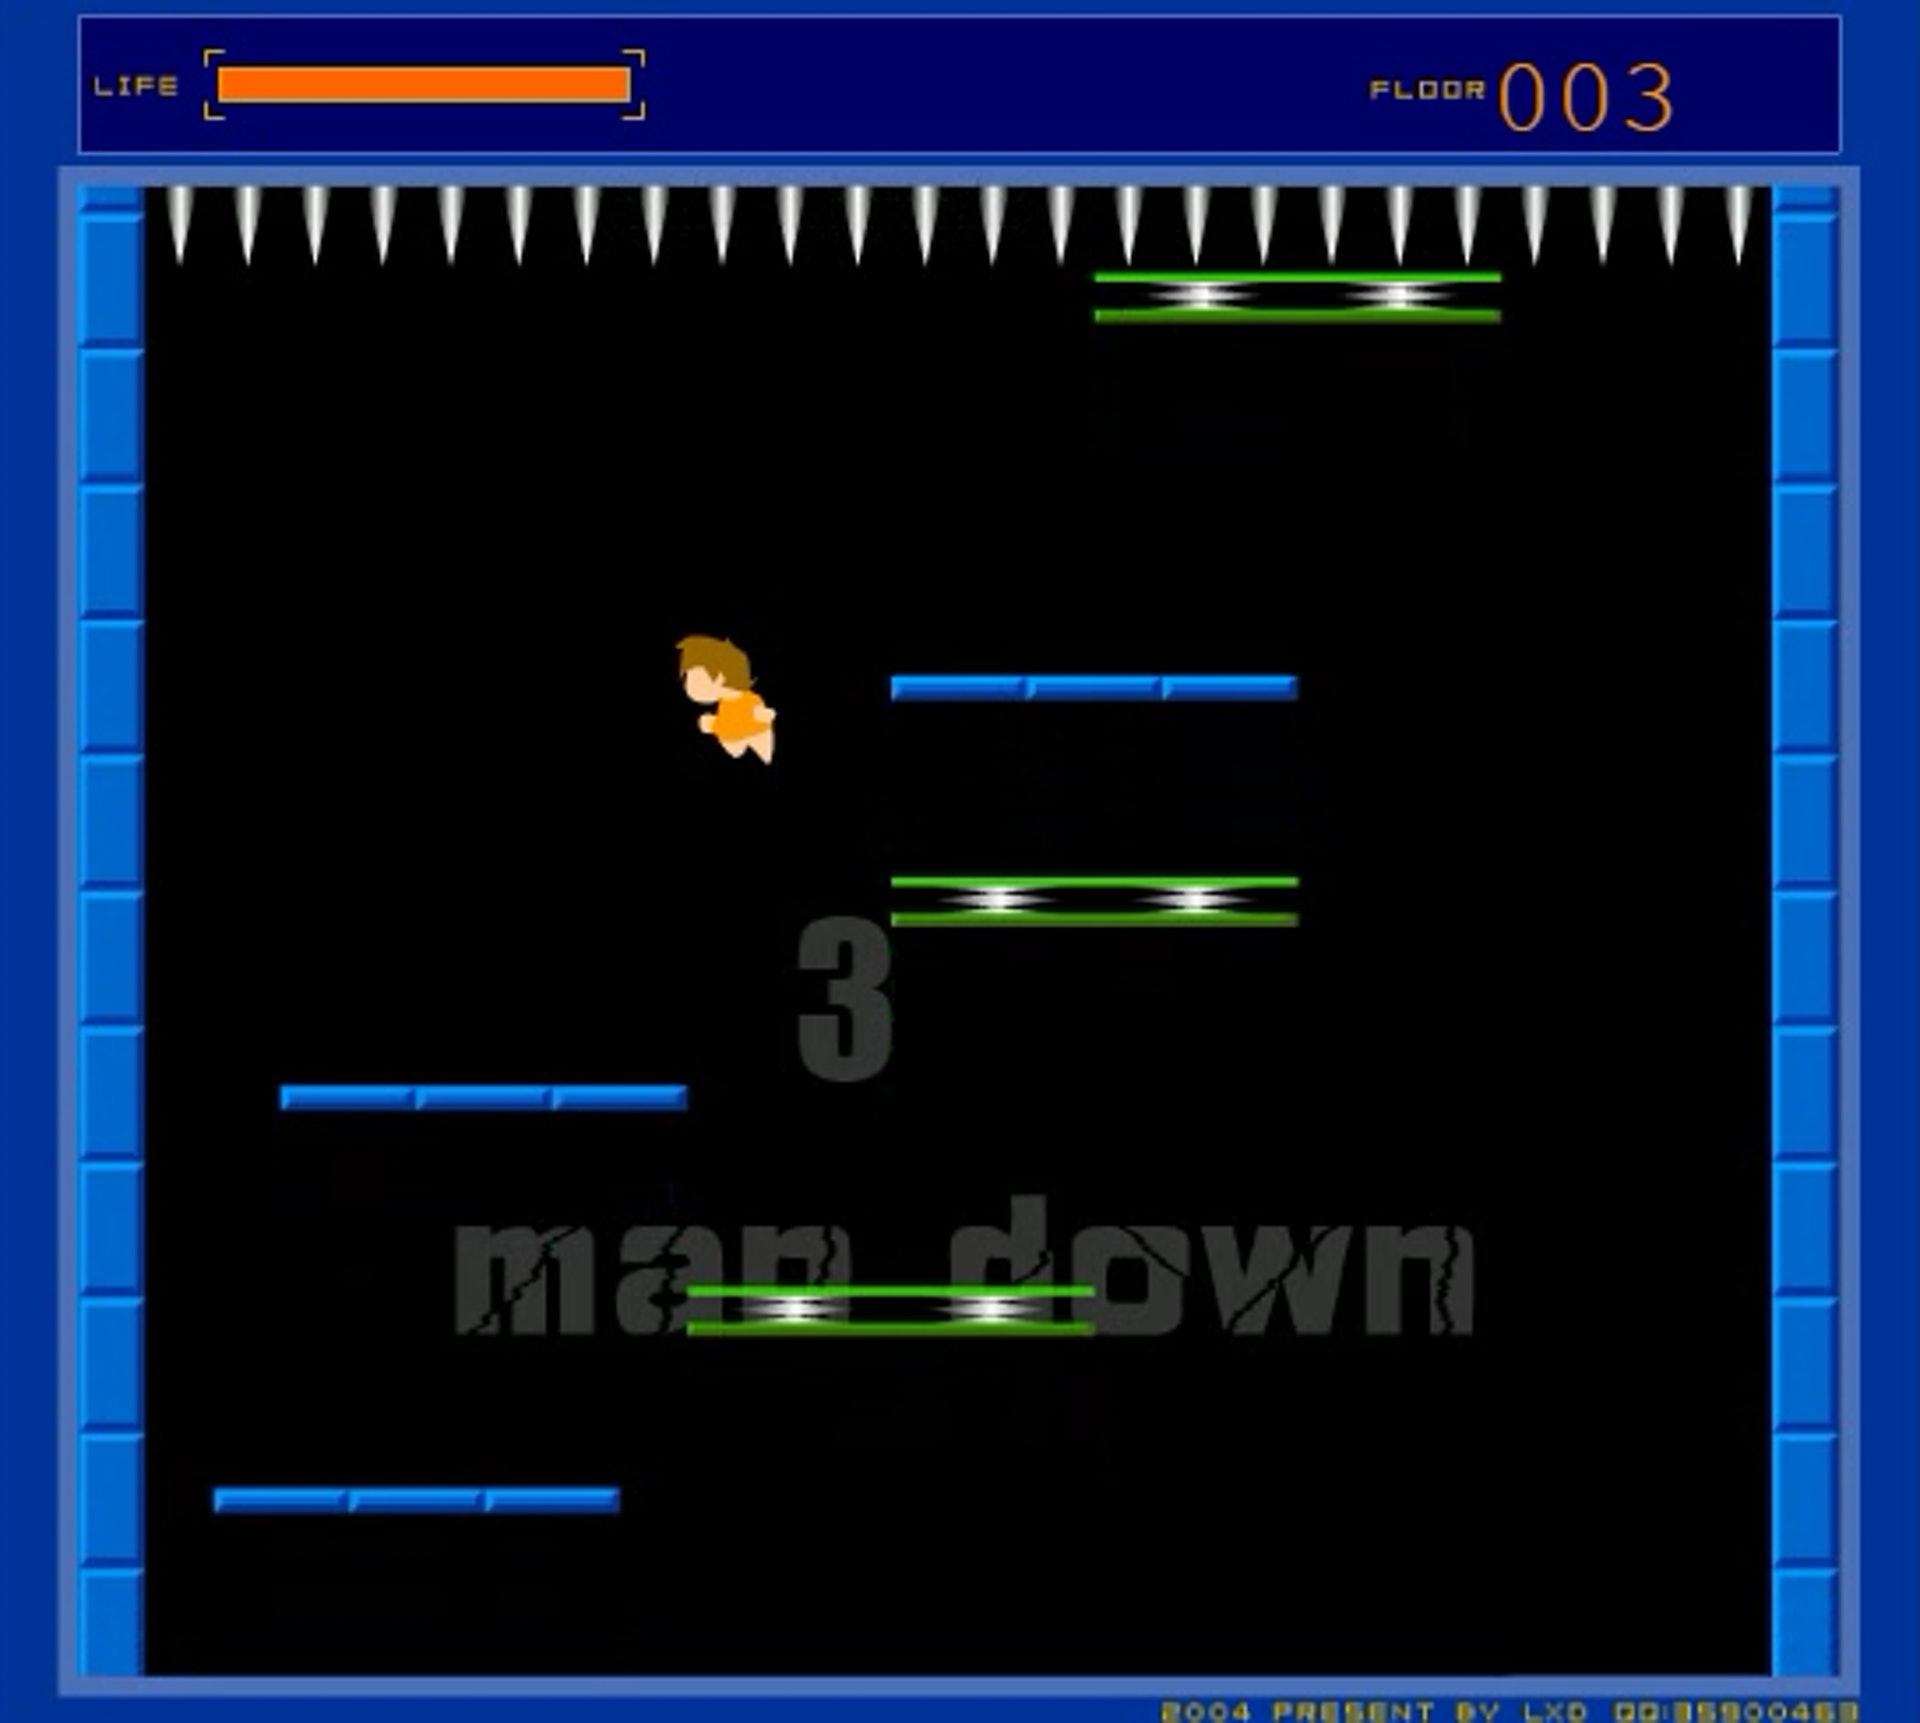 邊個線上遊戲令你最著迷?重拾90後經典童年回憶 回味14個懷舊 FlashGame(燒牛肉+猛鬼大廈+尼奧寵物)